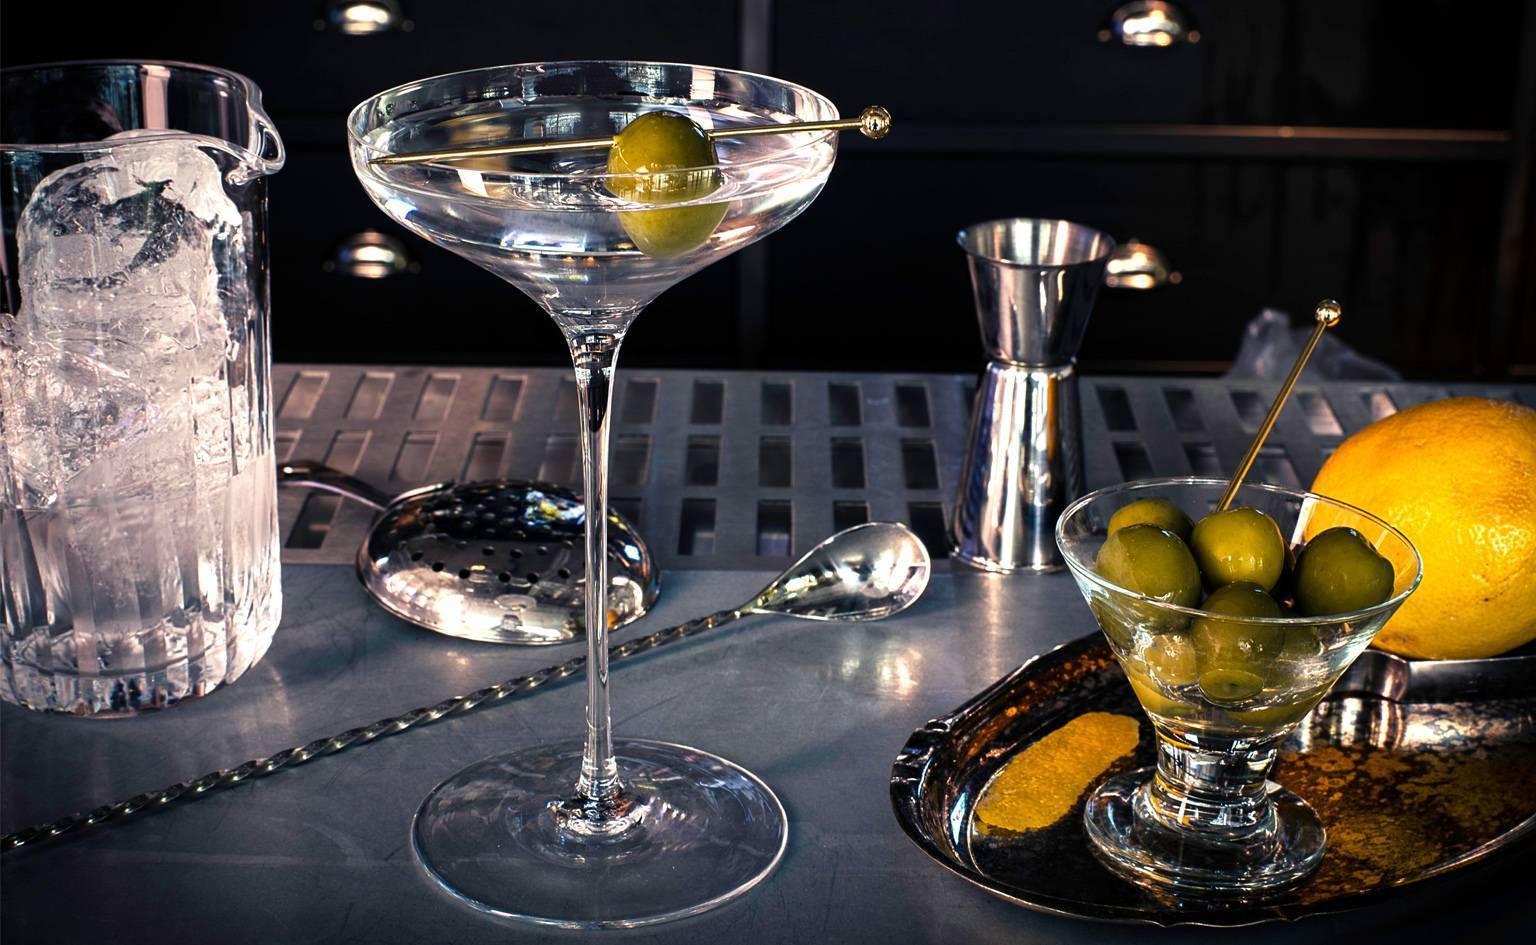 Как сделать коктейль на основе мартини? – женские вопросы